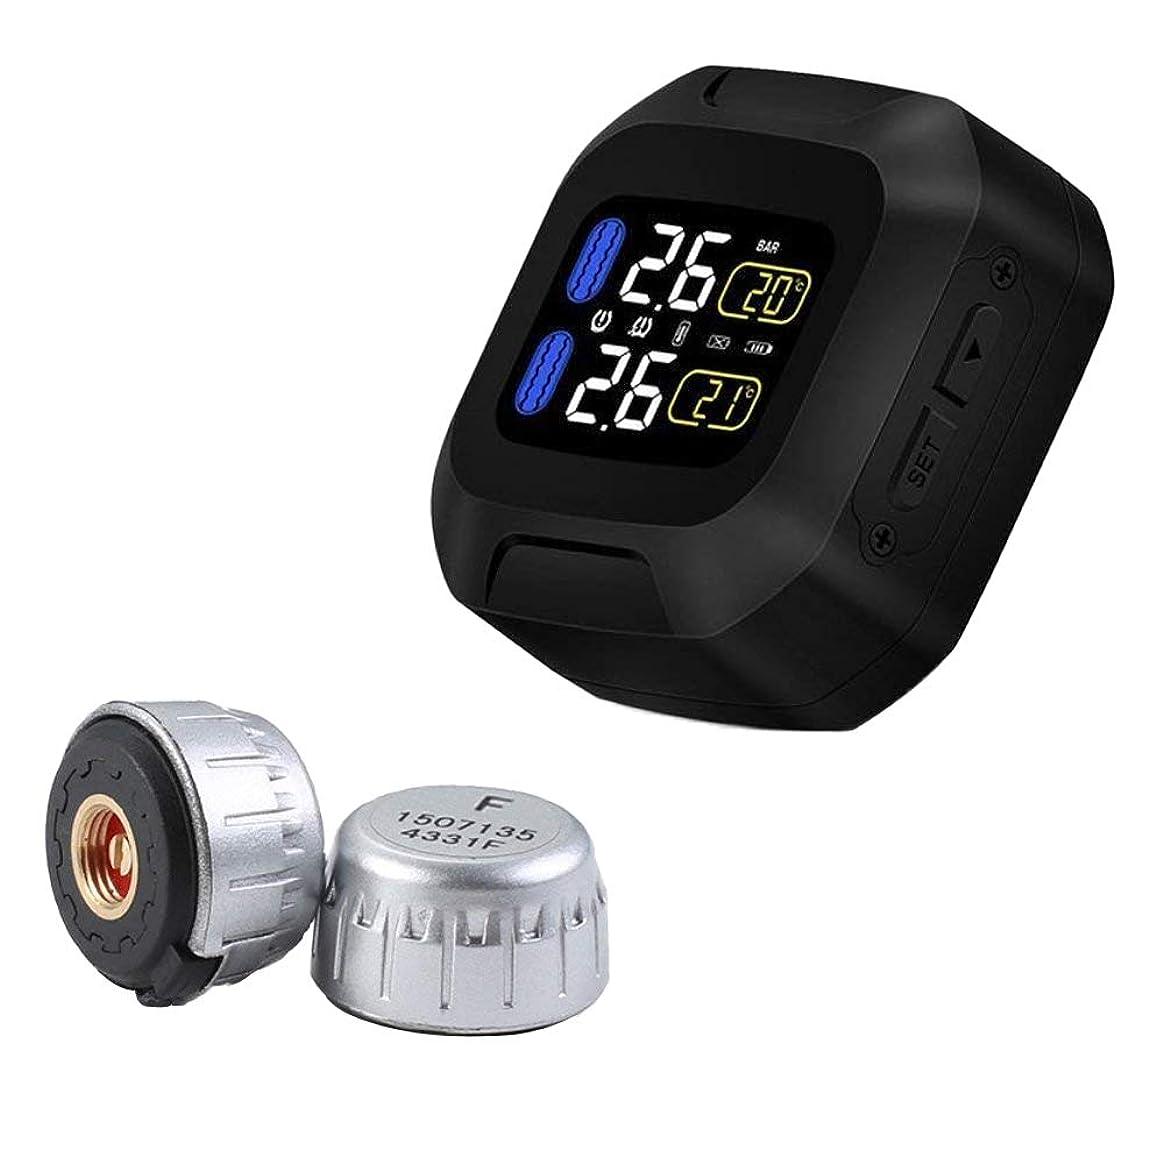 申し立て与える旅行代理店OBEST タイヤ空気圧監視システム モーターオートタイヤアラーム リアルタイム監視 バイク用 ワイヤレス防水 (バイク)